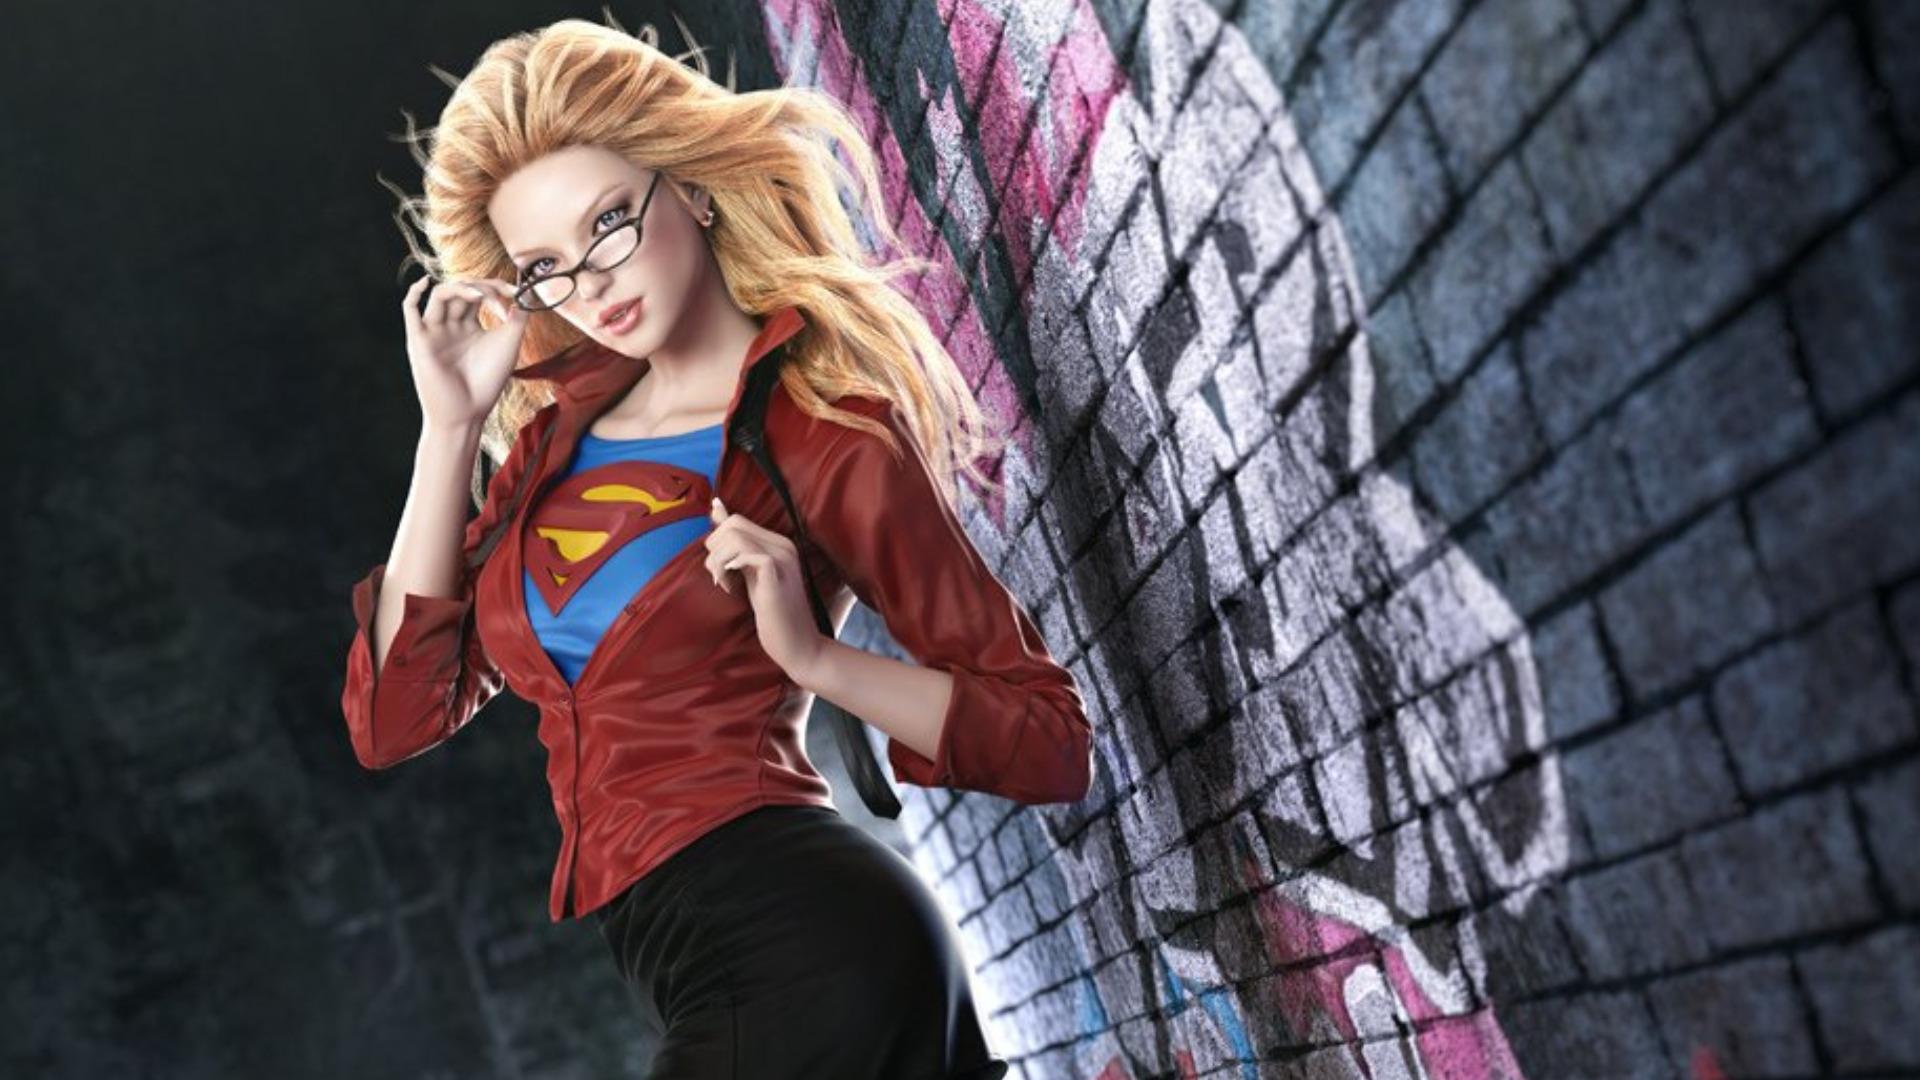 dark supergirl wallpaper - photo #22